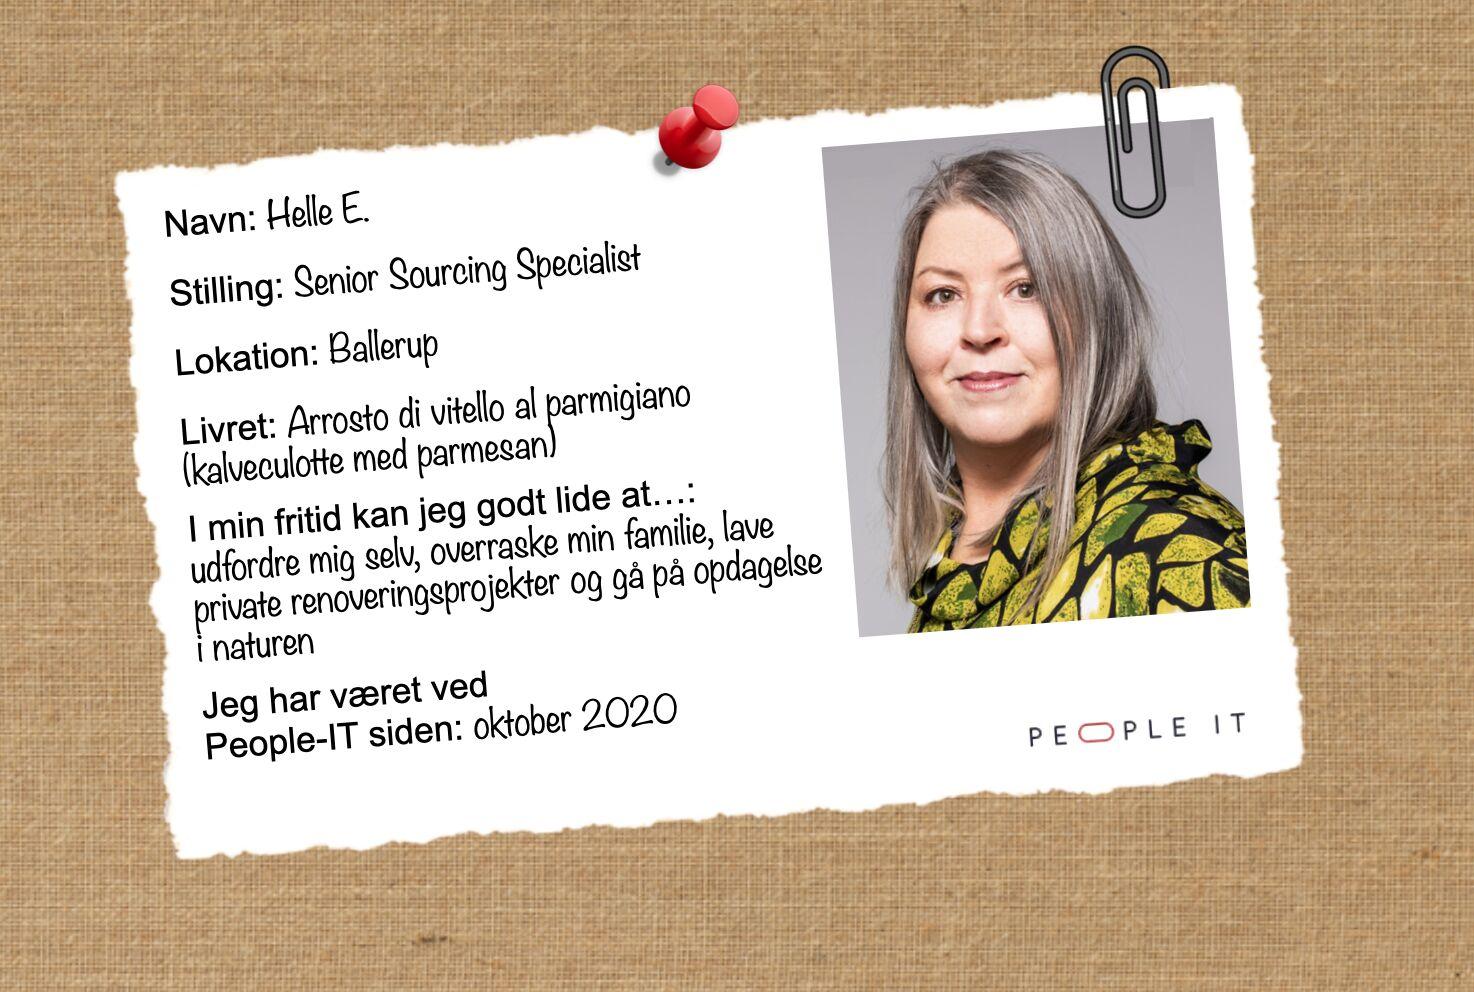 Helle E. People-IT. Freelance IT-konsulent